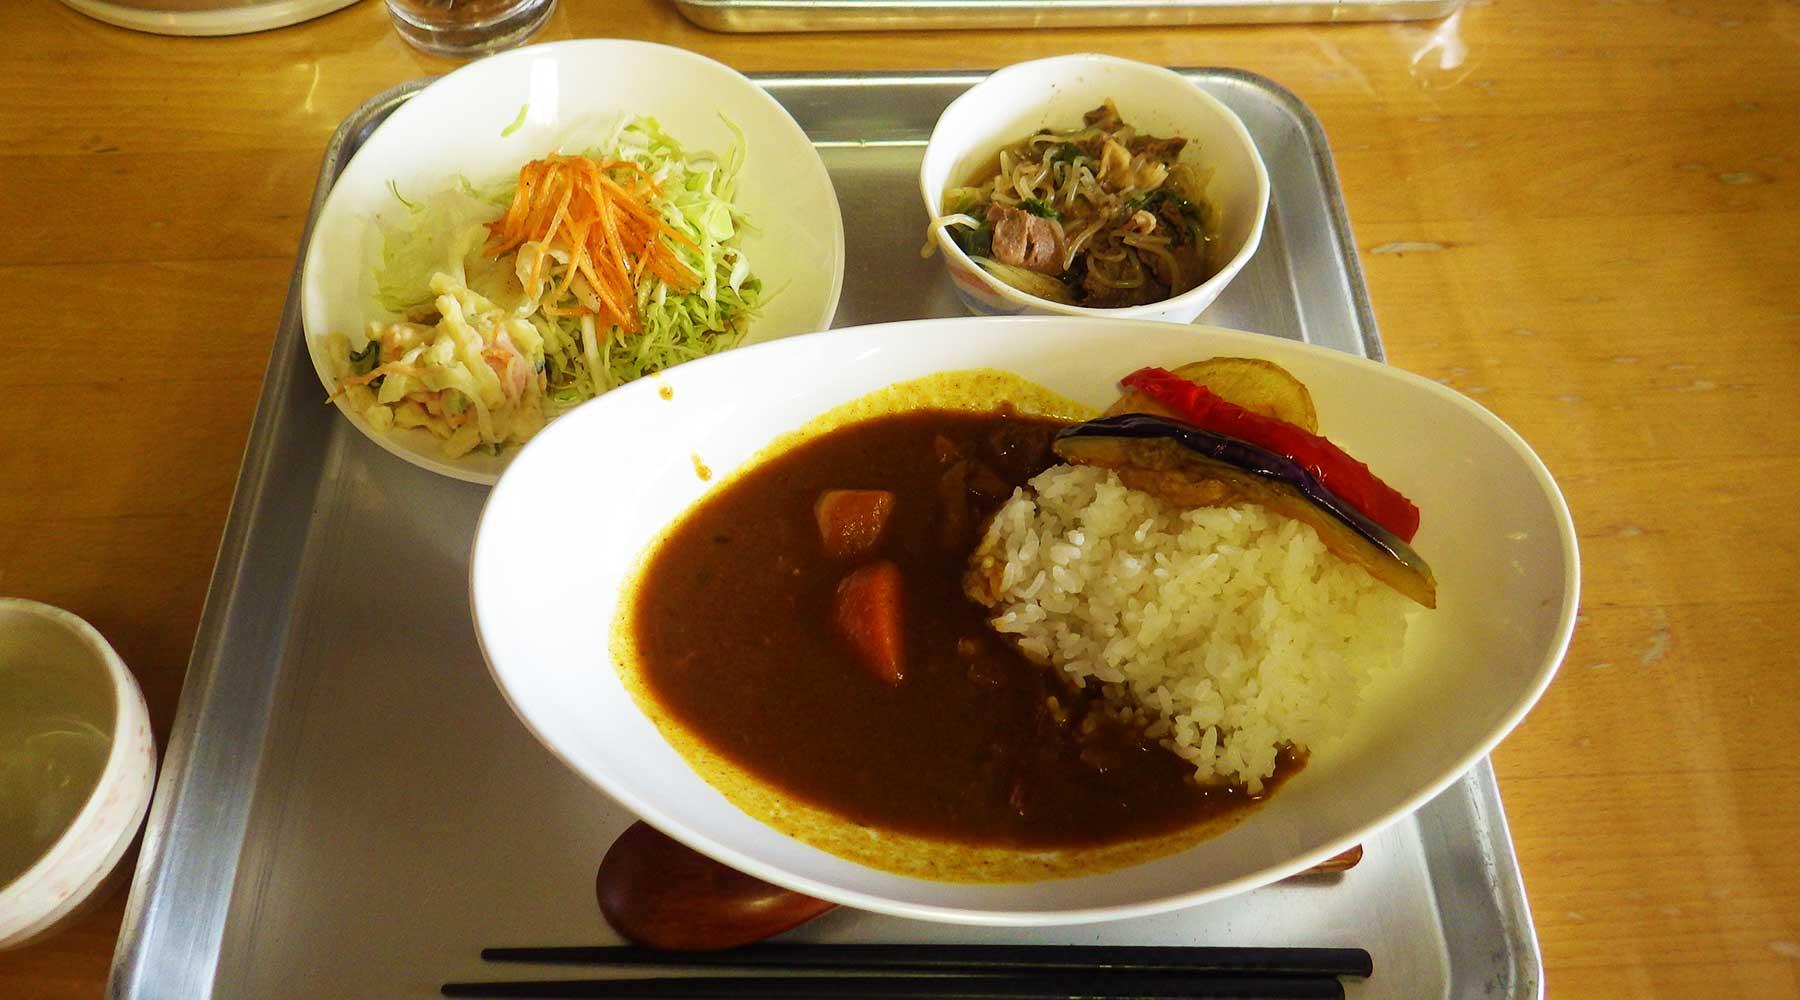 尾瀬温泉小屋の夕食、カレーライス